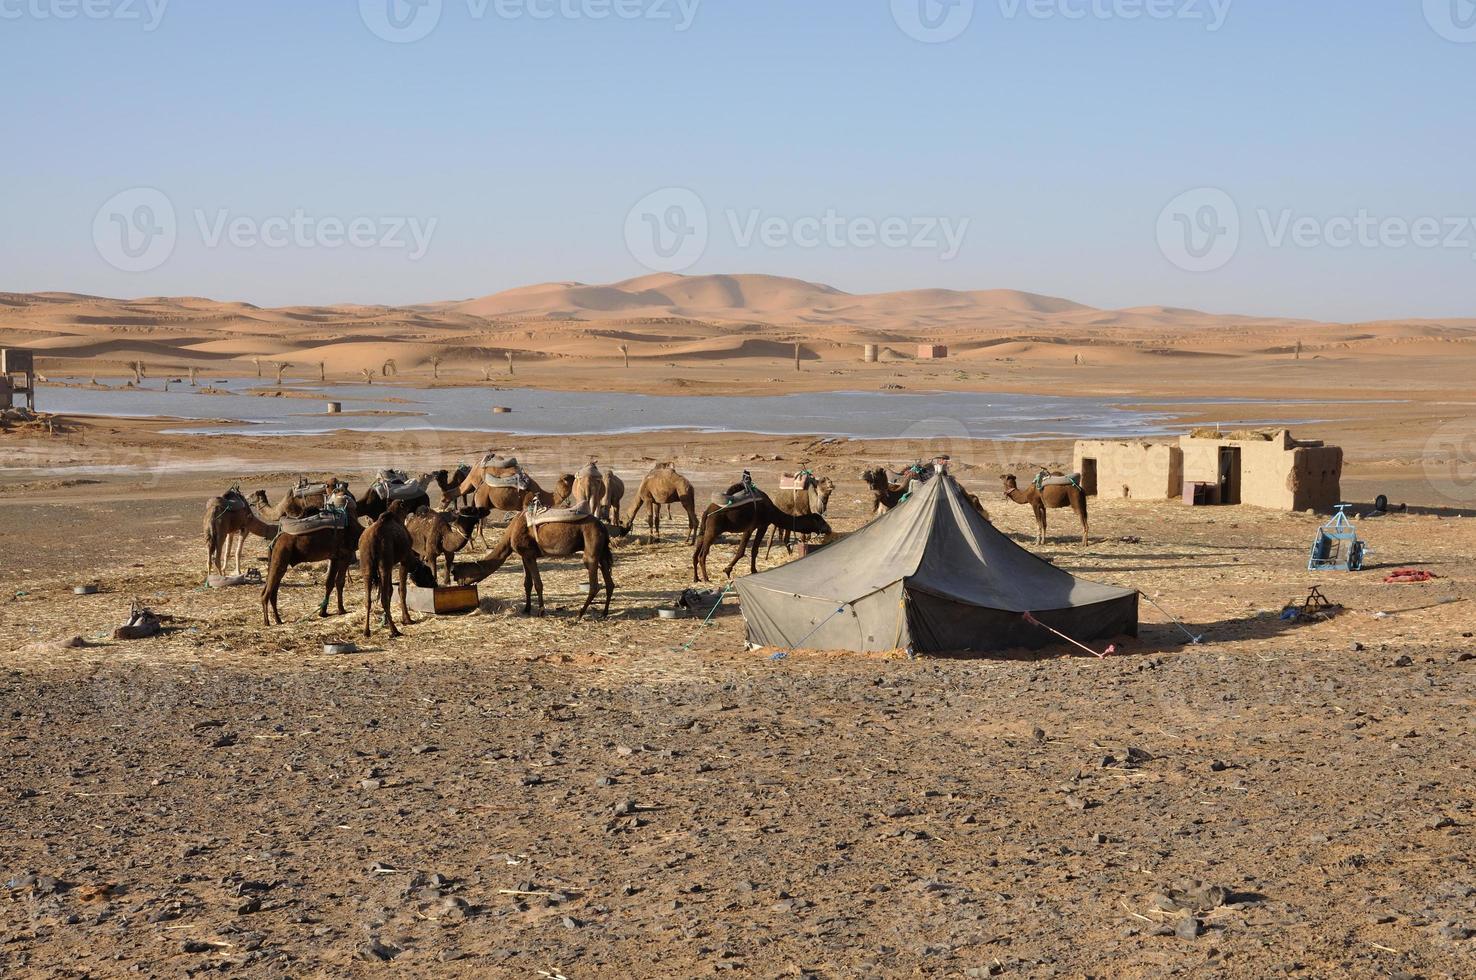 kameler i oasen, saharaöknen foto